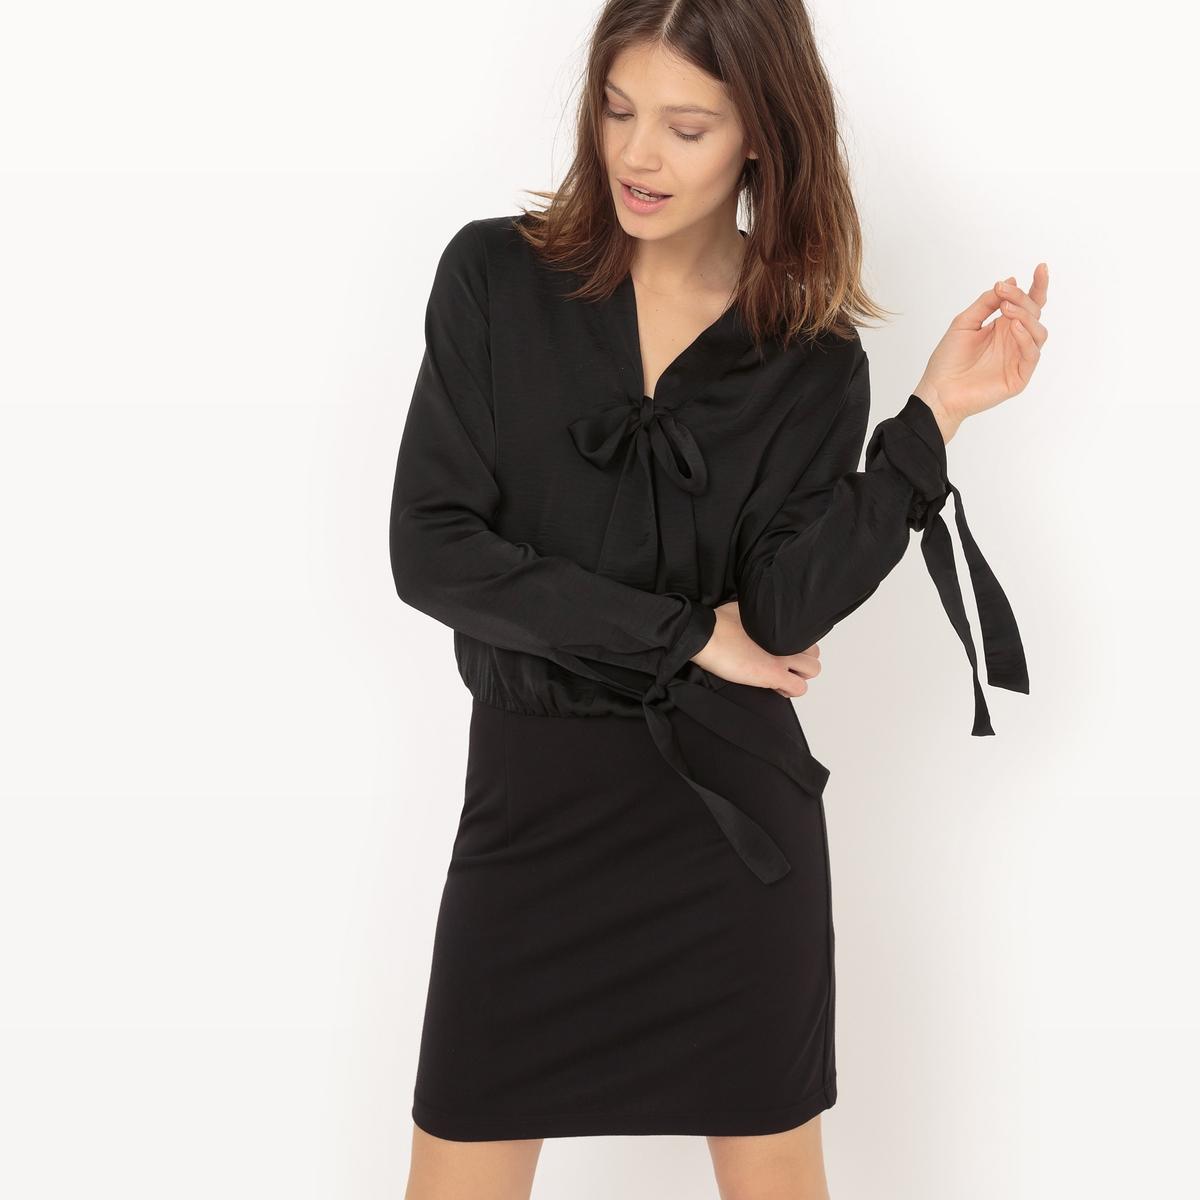 Платье короткое, с длинными рукавами, однотонноеДетали  •  Форма :прямая •  Укороченная модель •  Длинные рукава    •   V-образный вырез Состав и уход  •  100% полиэстер •  Следуйте рекомендациям по уходу, указанным на этикетке изделия<br><br>Цвет: черный